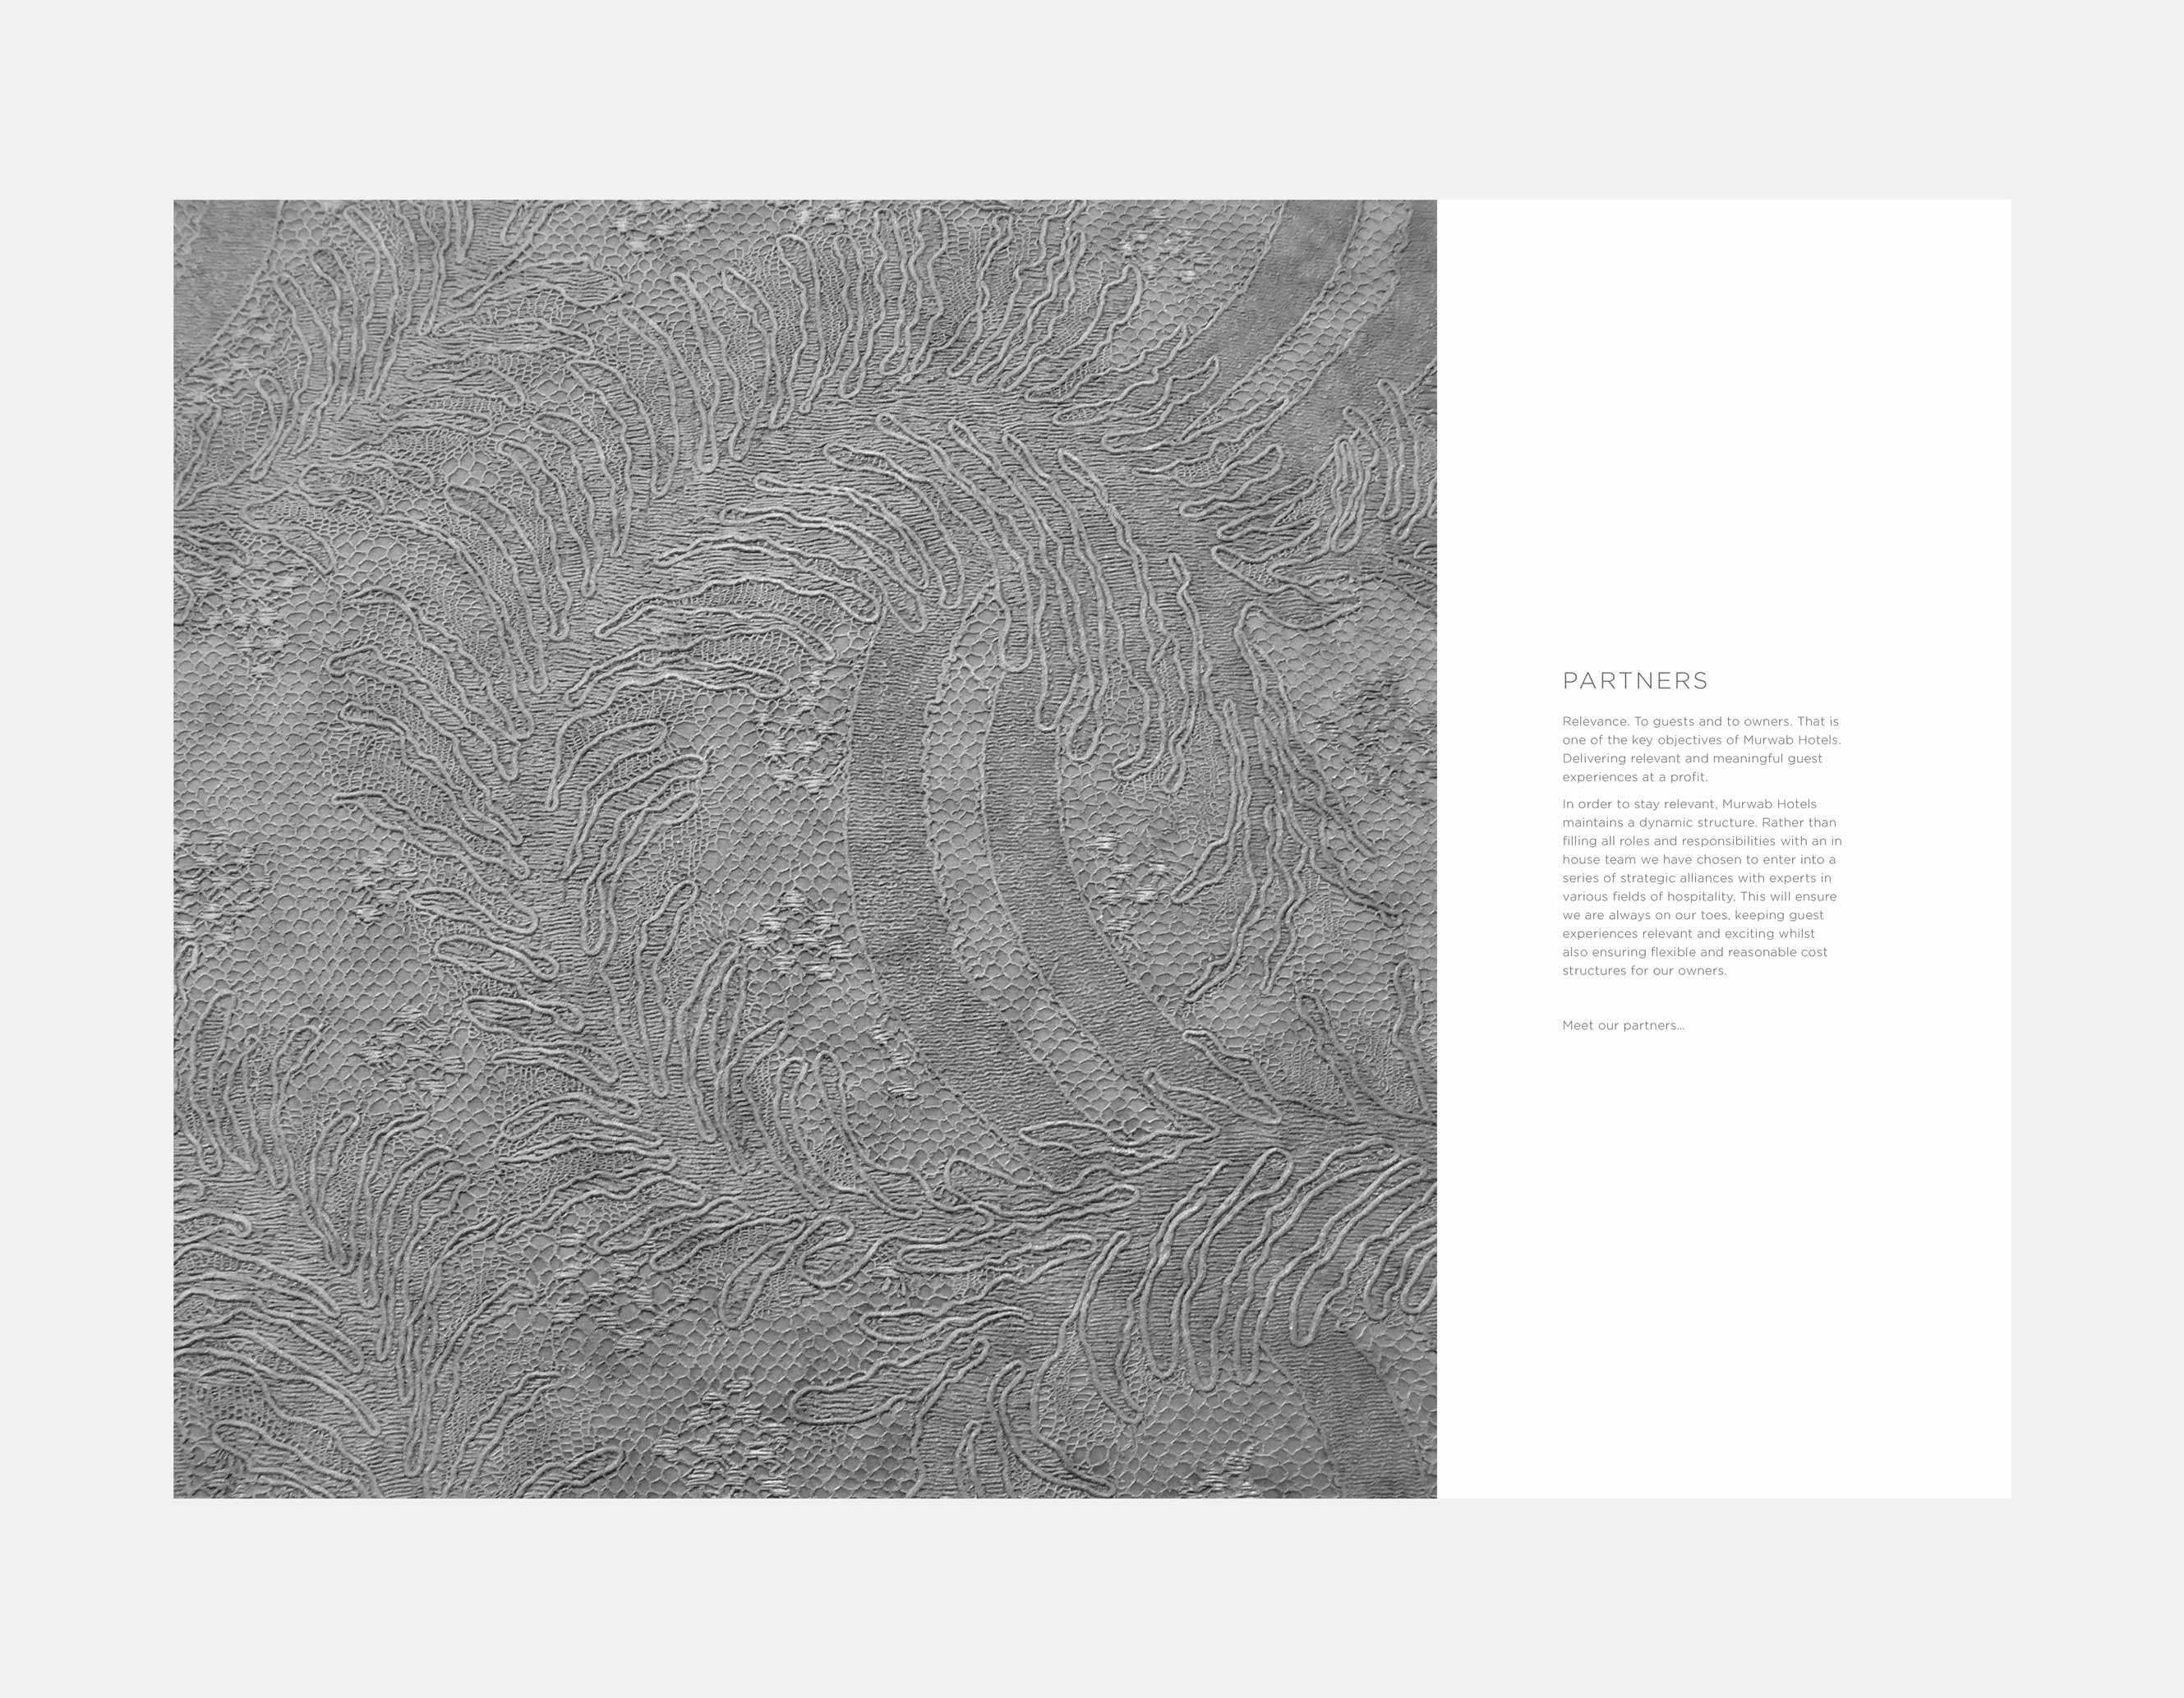 Murwab-Brochure-4.jpg